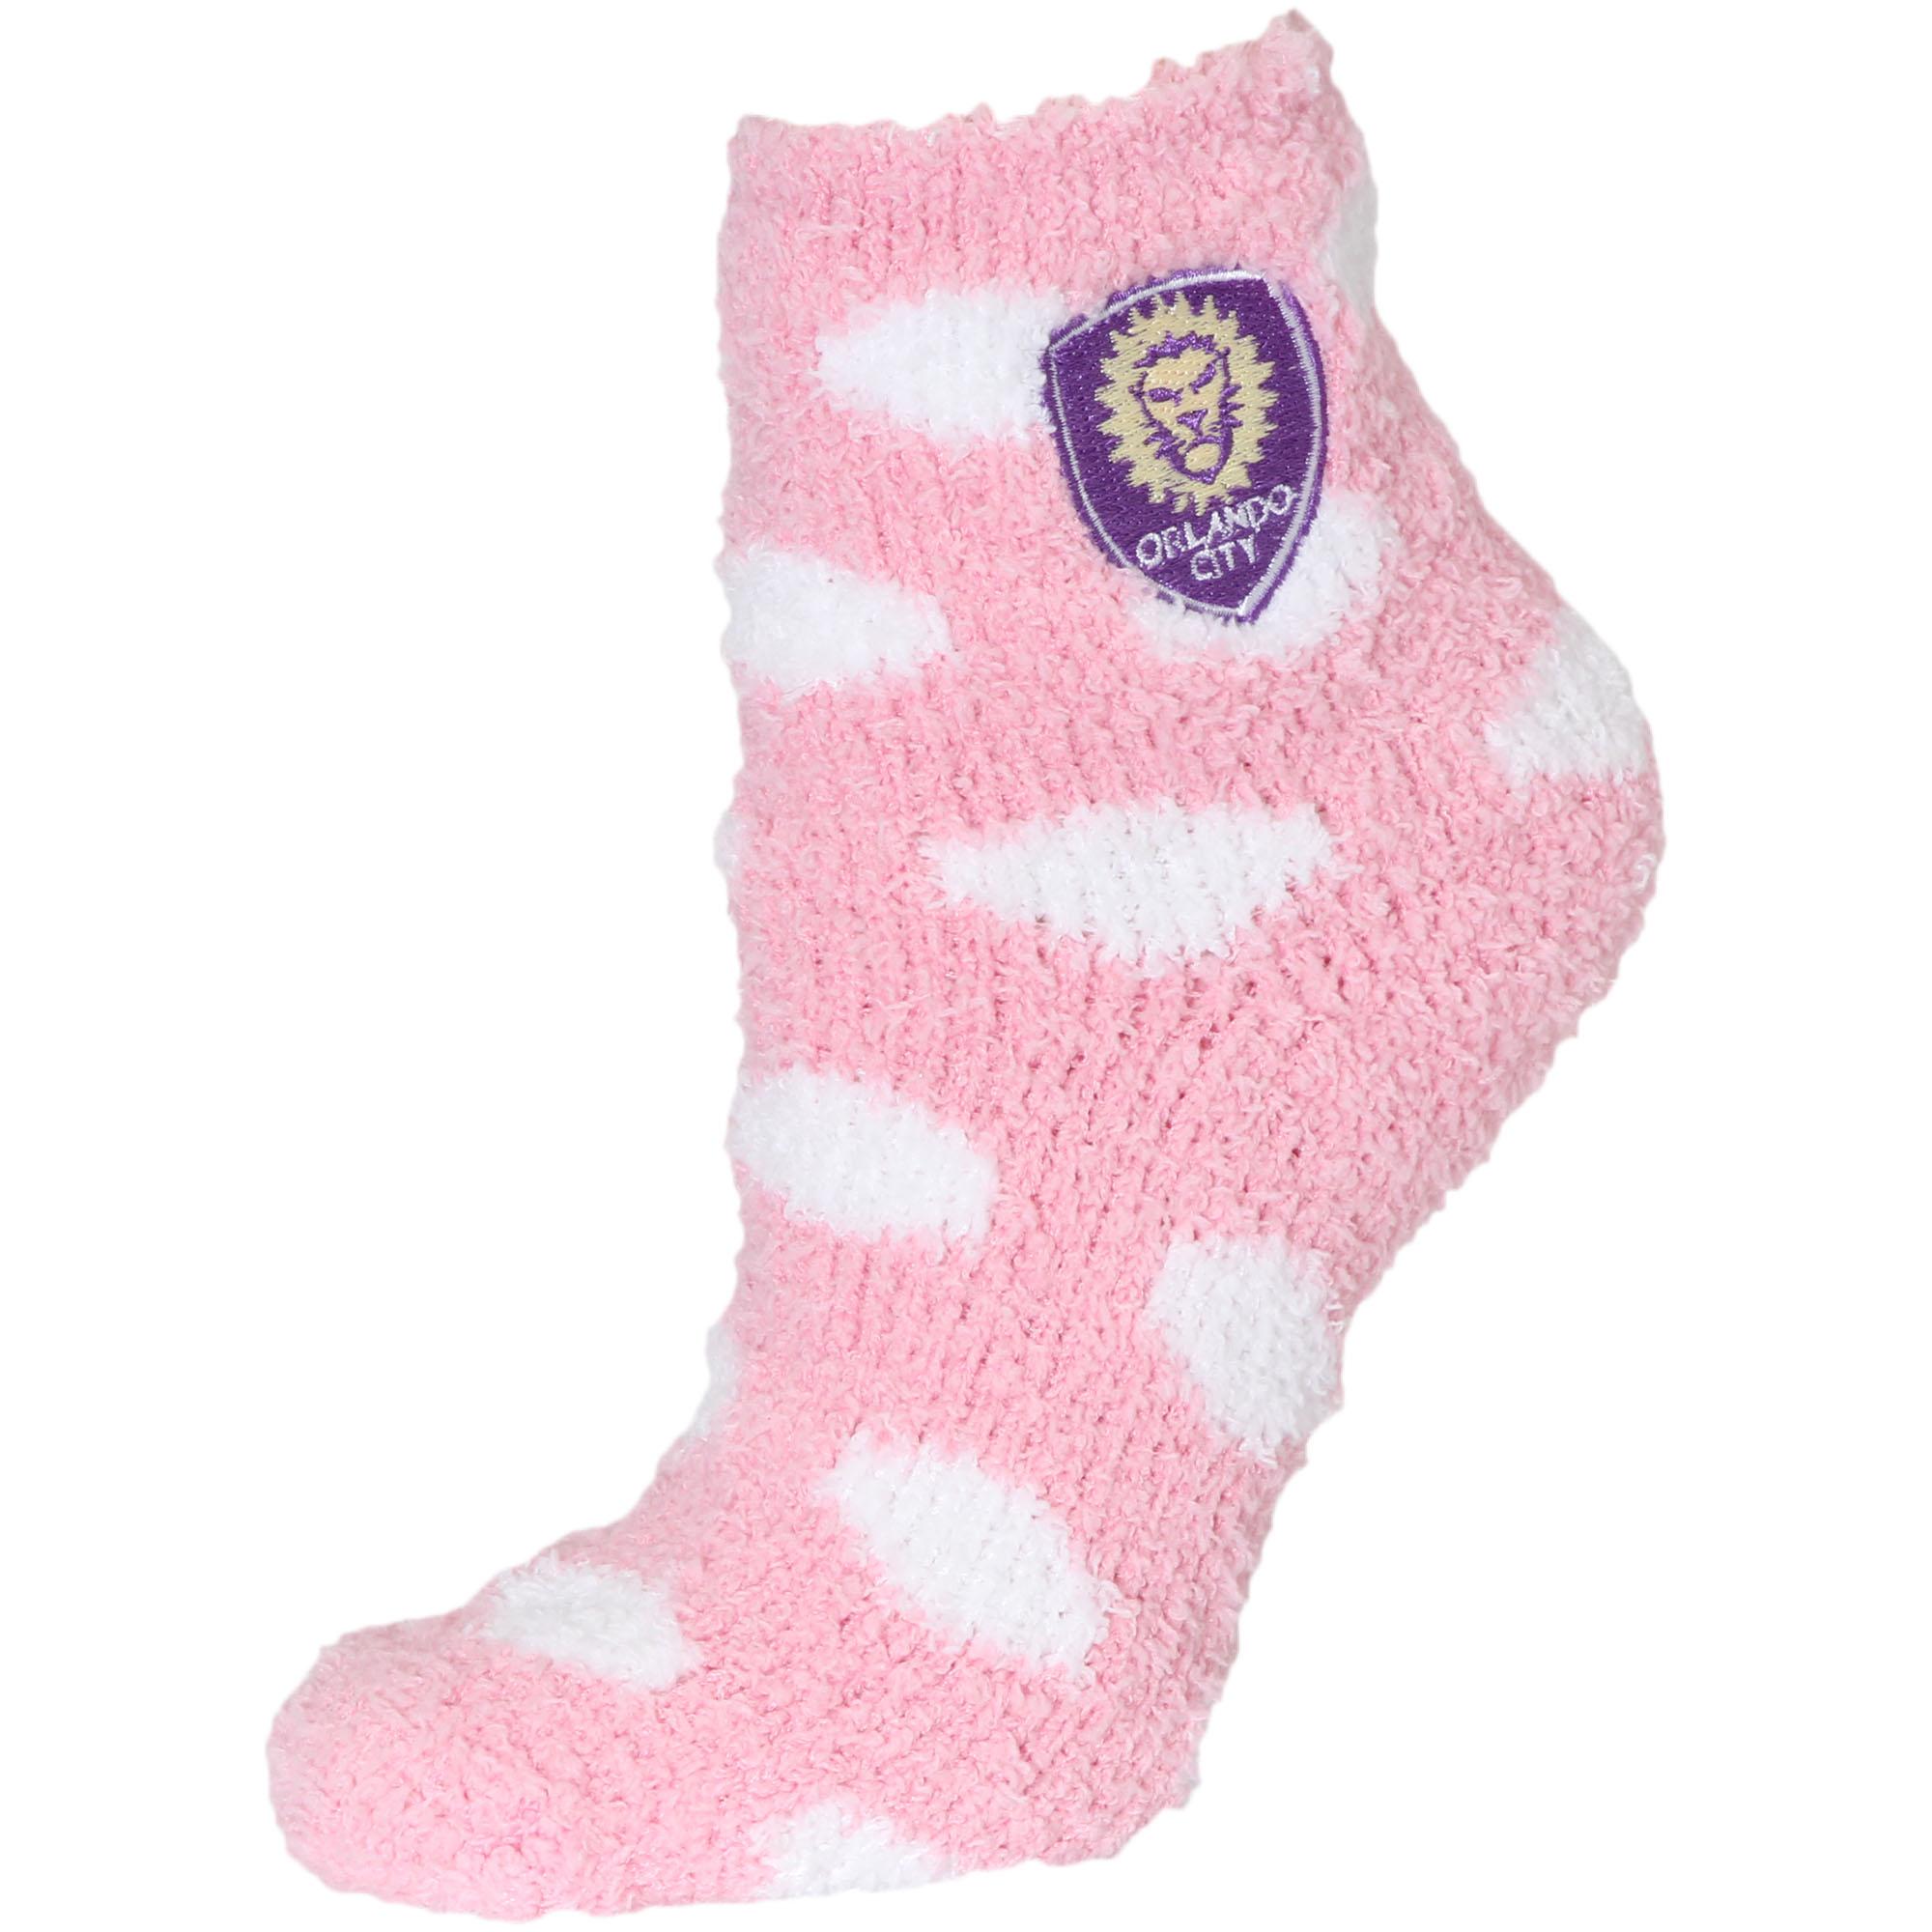 Orlando City SC ZooZatz Women's Fuzzy Socks - No Size